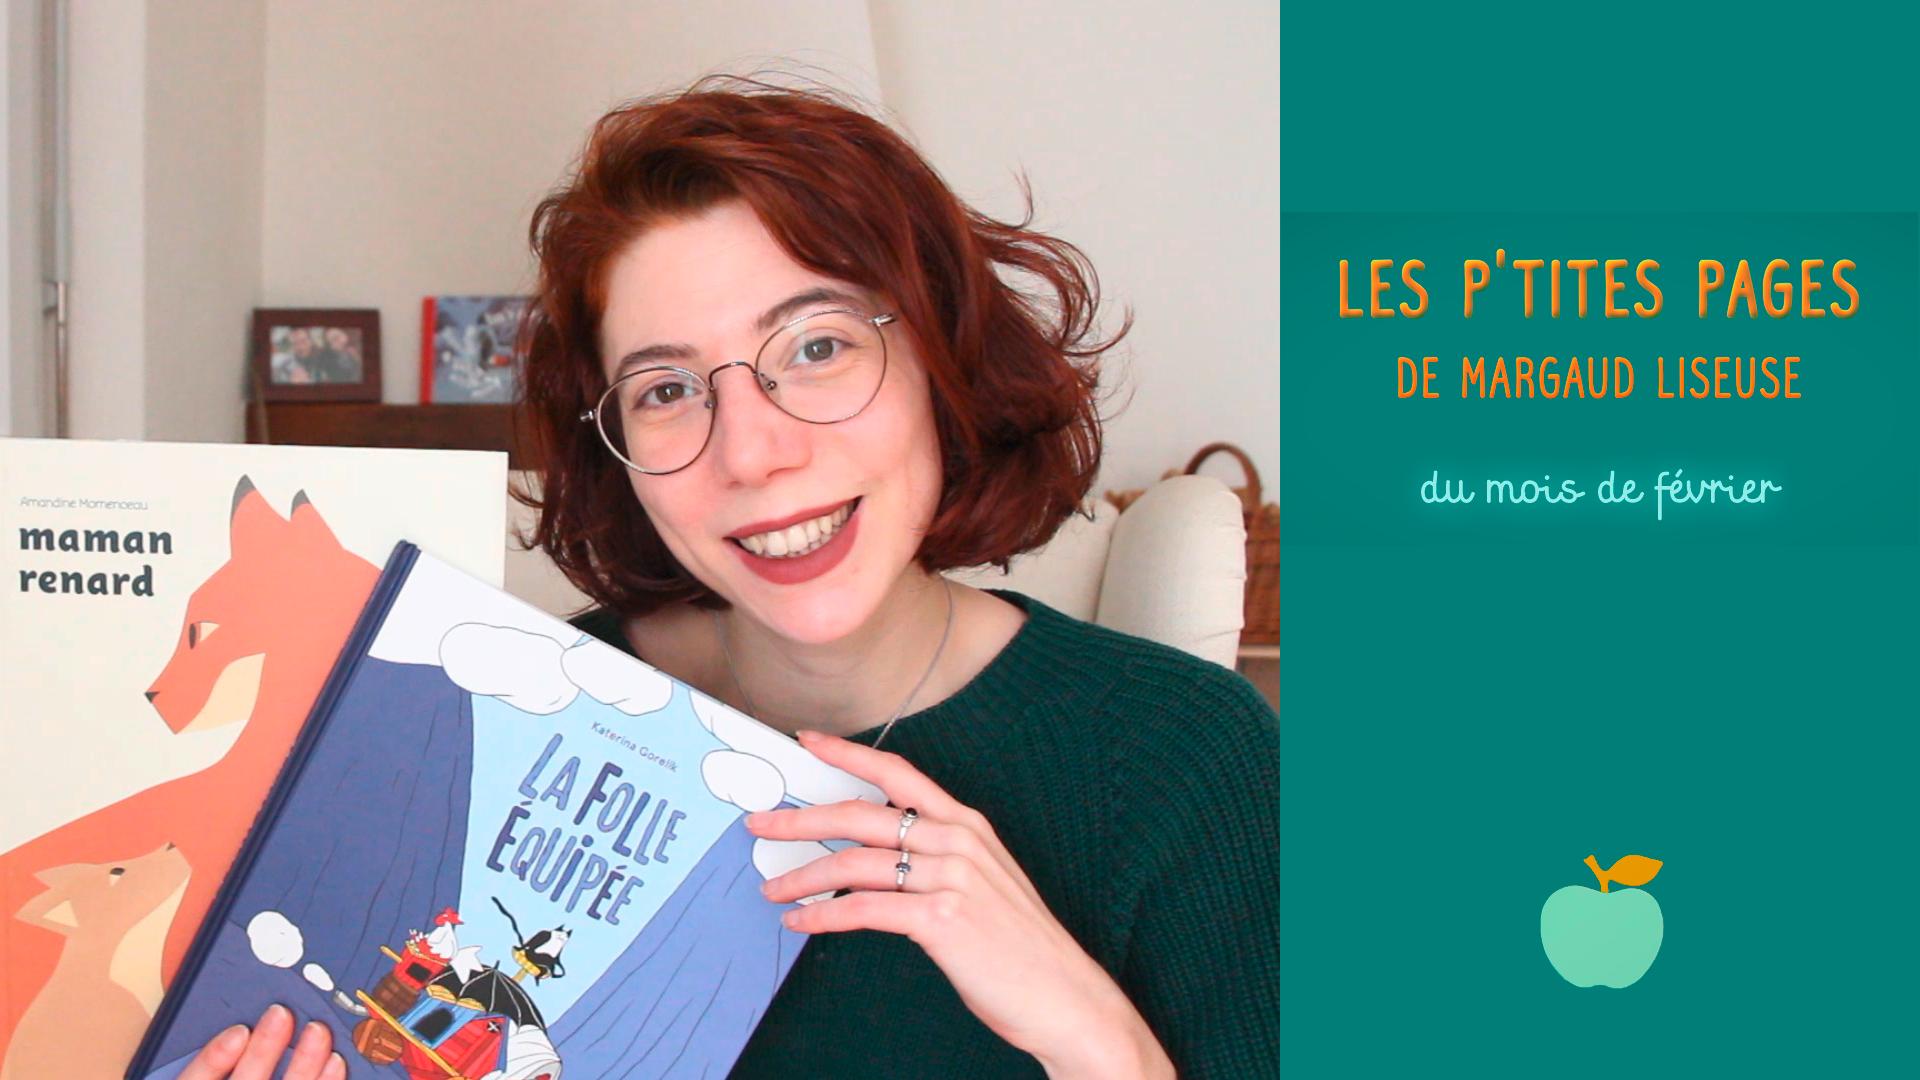 """En février, Margaud Liseuse a choisi de nous présenter """"La folle équipée"""", un album de Katerina Gorelik (éd. Seuil jeunesse) et """"Maman renard"""", un album d'Amandine Momenceau (éd. L'agrume)."""